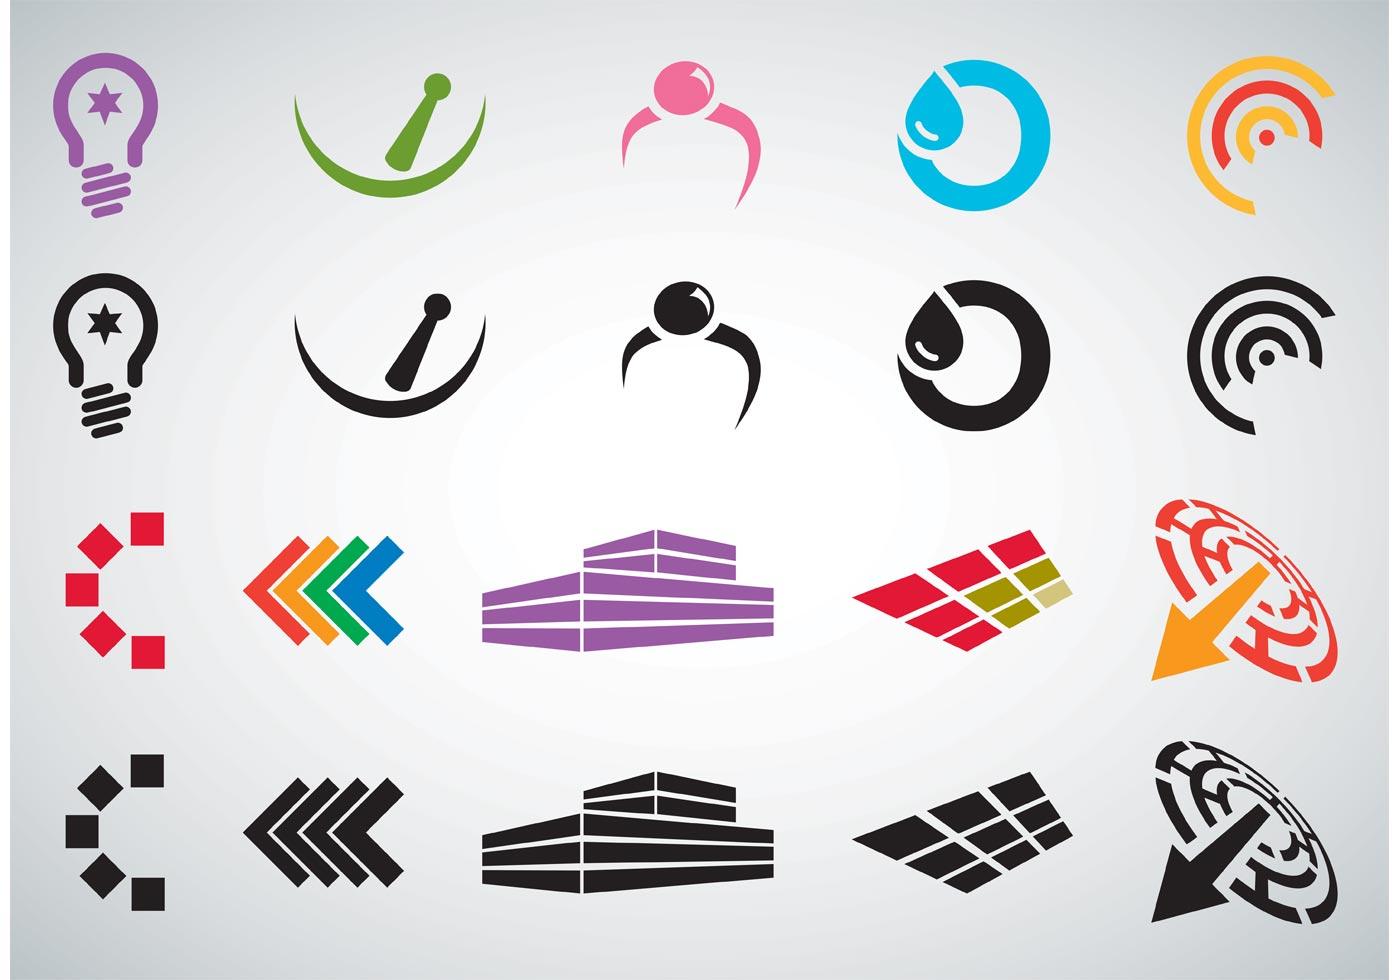 выбором примеры картинок логотипов простоват, конечно